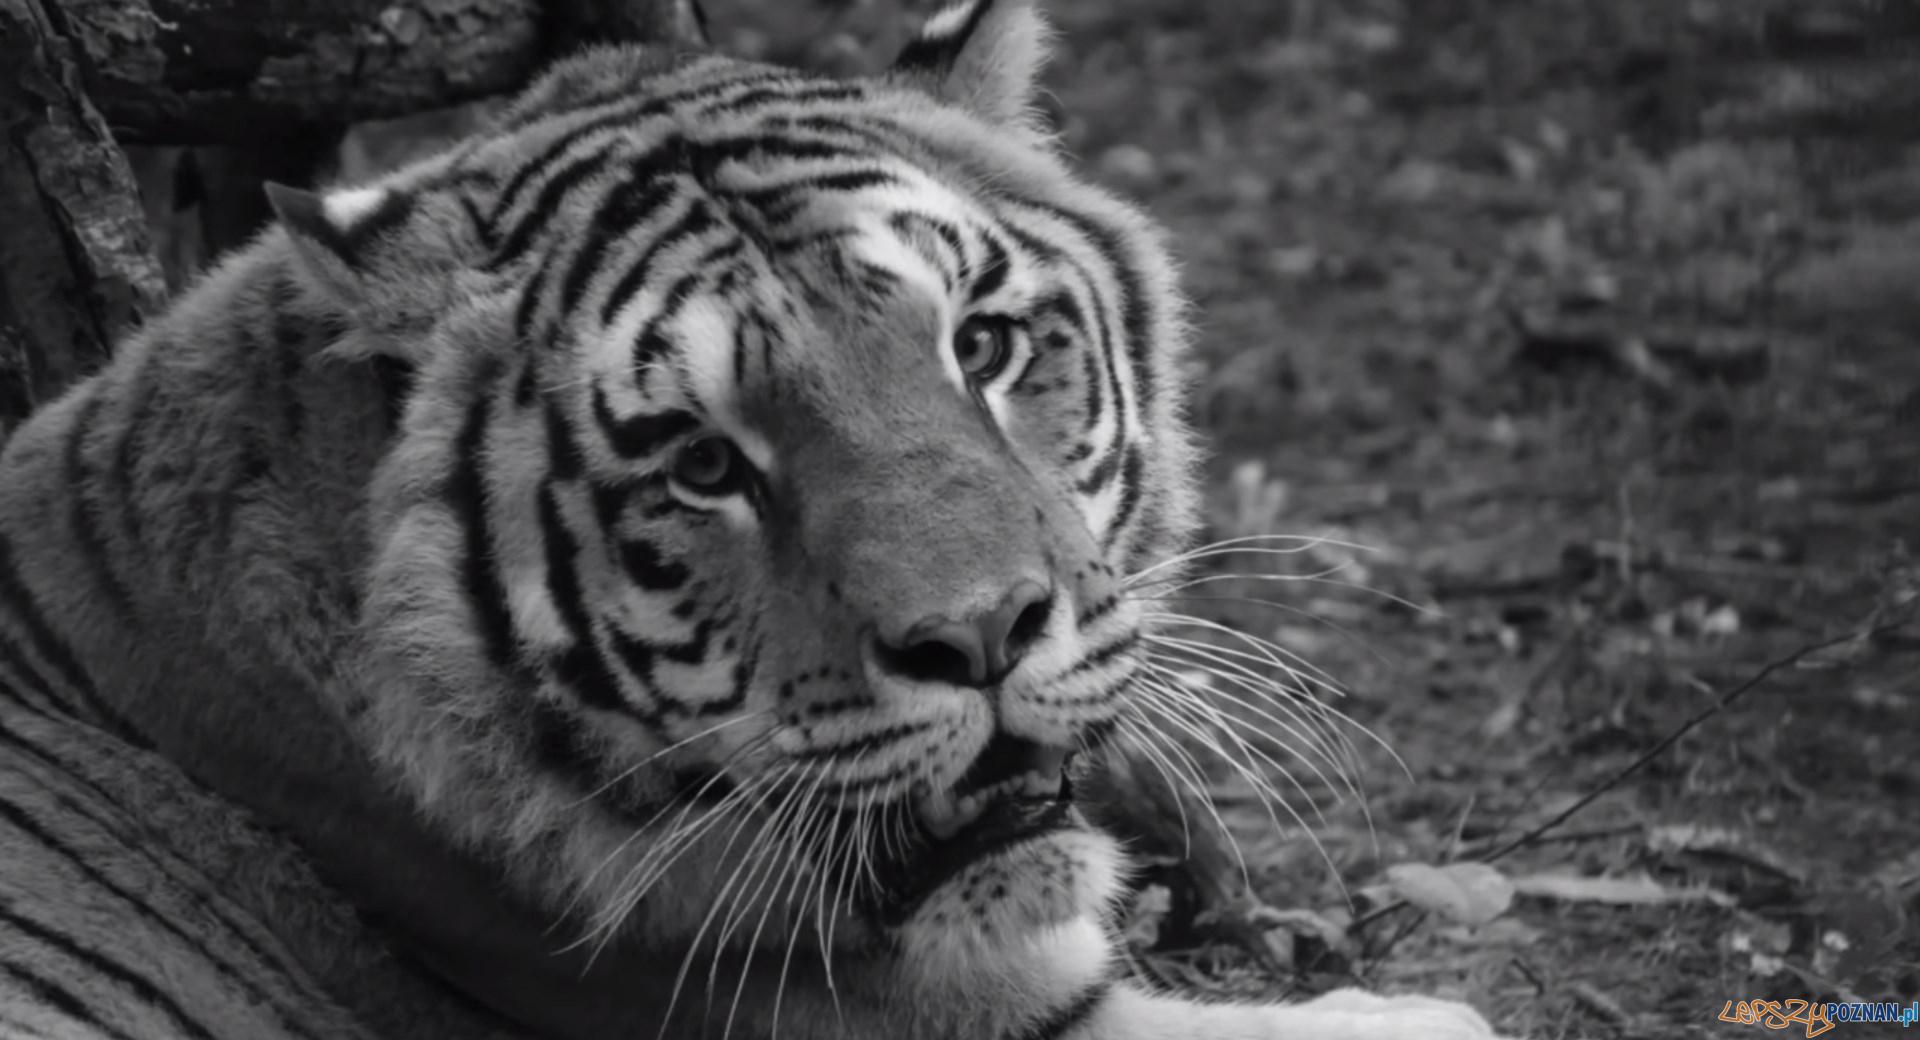 Nie żyje Gideon, tygrys uratowany z nielegalnej hodowli  Foto: Zoo Poznań